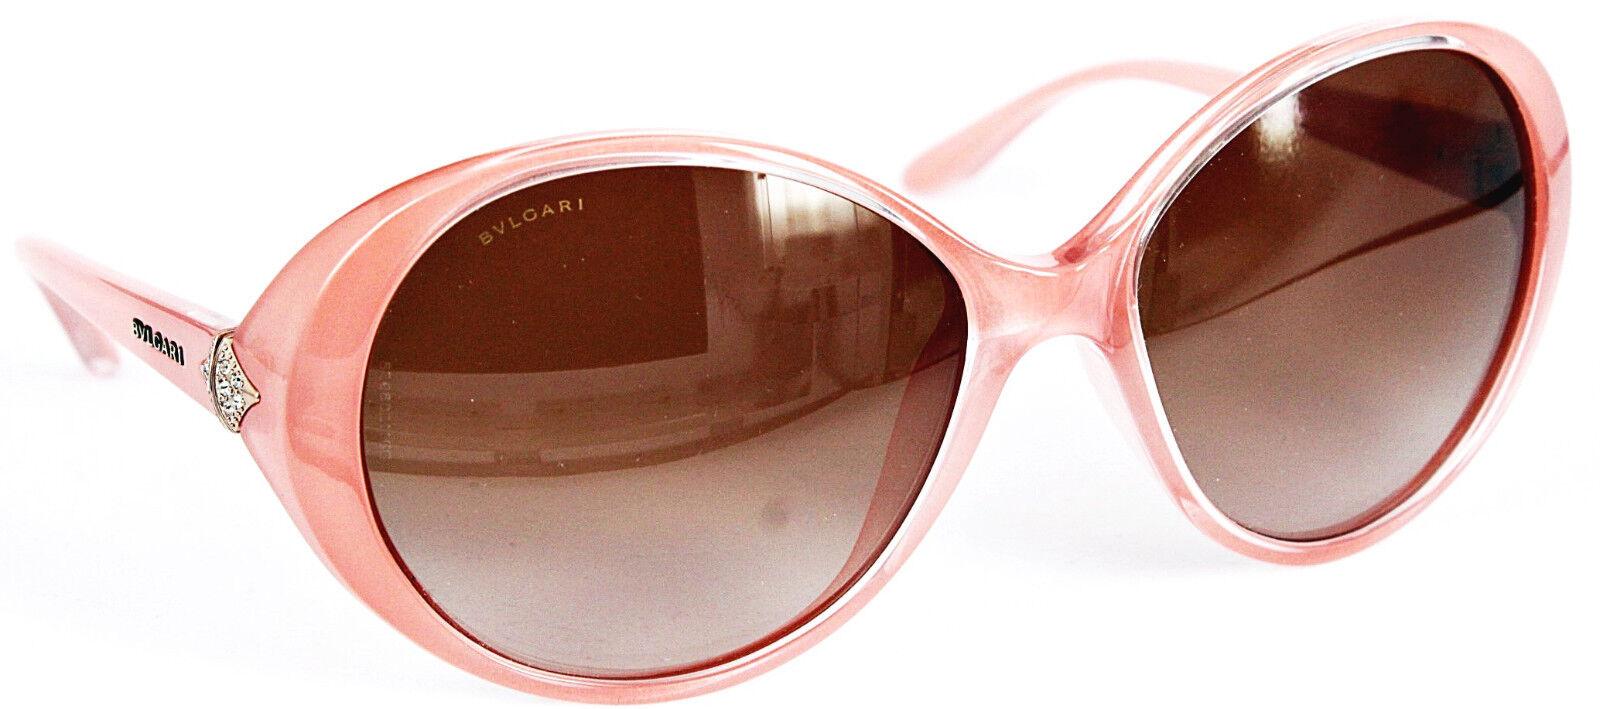 BVLGARI Sonnenbrille Sunglasses 8128-B 1005 13 Gr 58 Konkursaufkauf BP 46 T 55  | Moderater Preis  | eine breite Palette von Produkten  | Economy